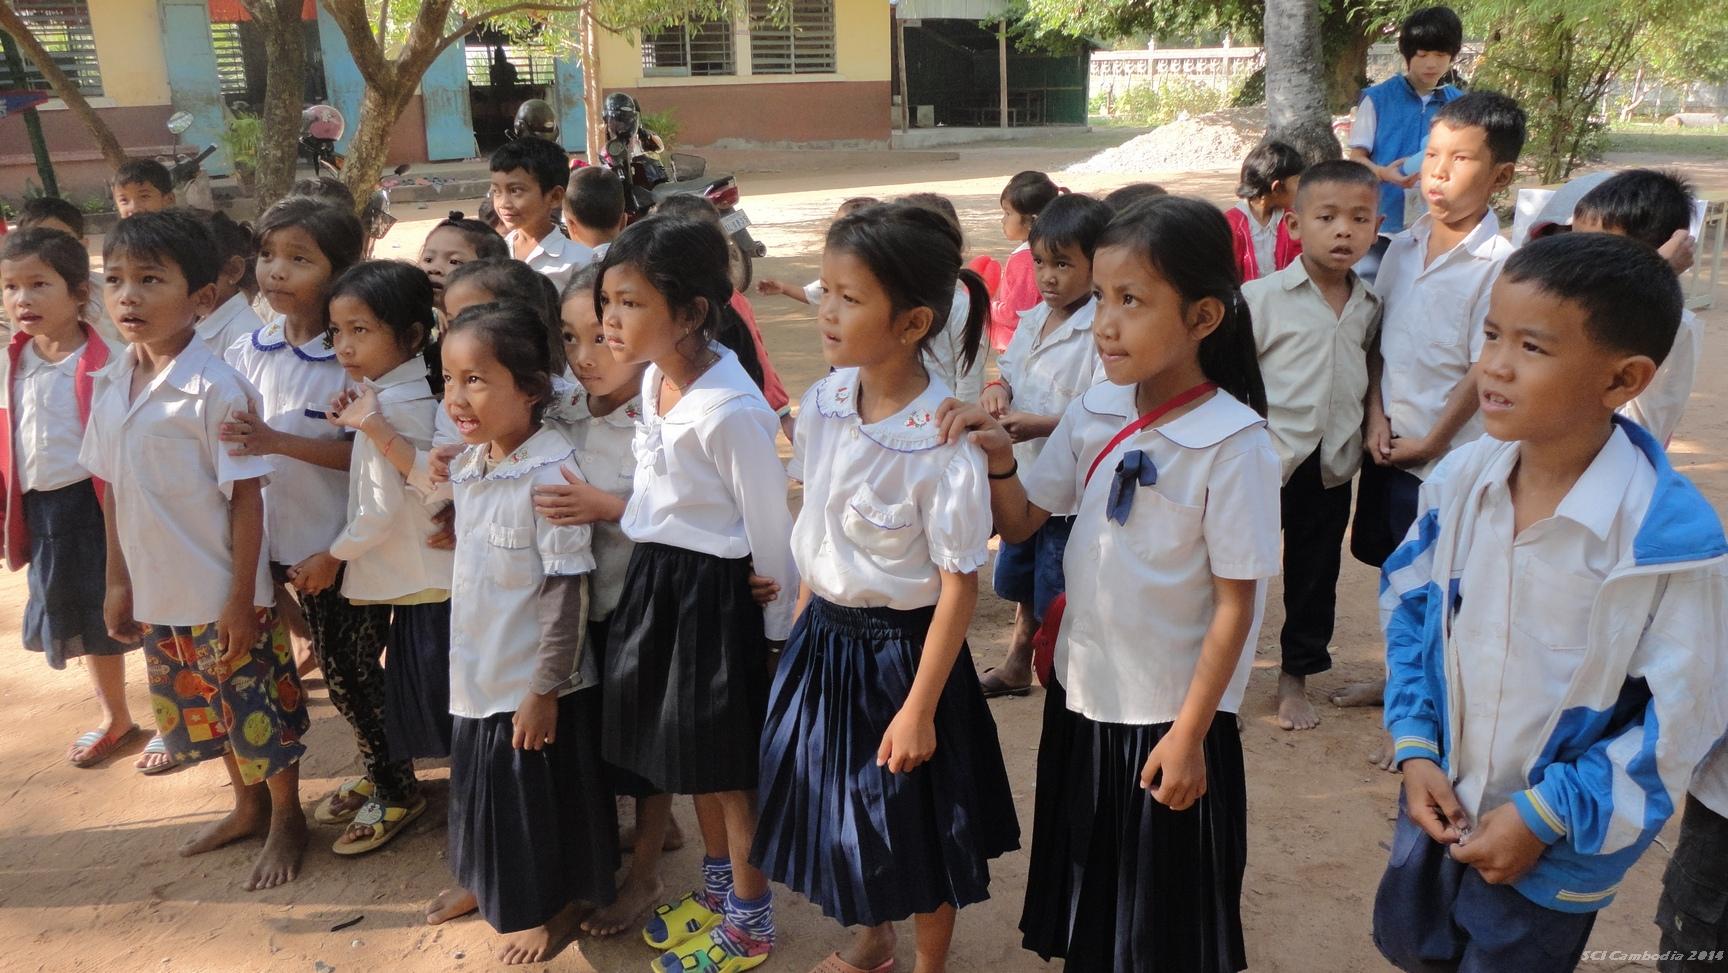 The Children 쿡찬 초등학교 학생들